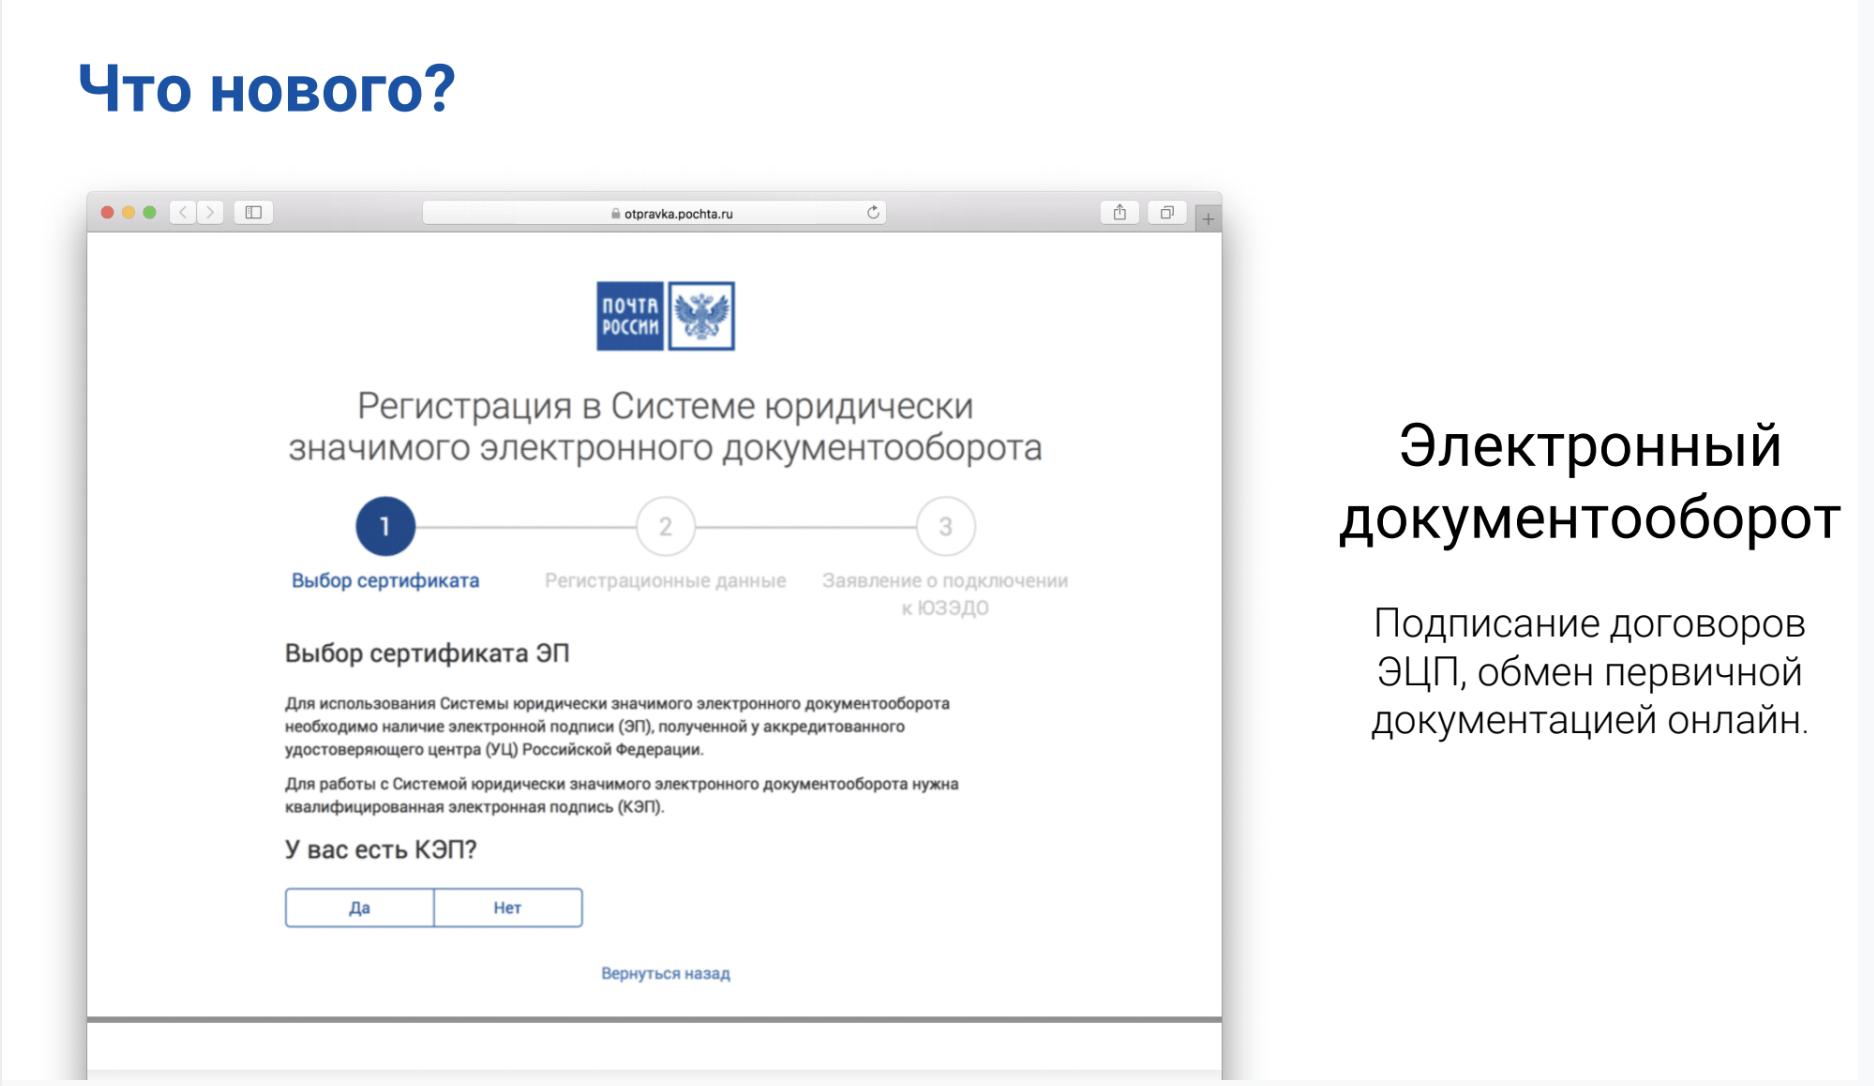 Почтовые Технологии — как мы цифровизируем Почту России - 10